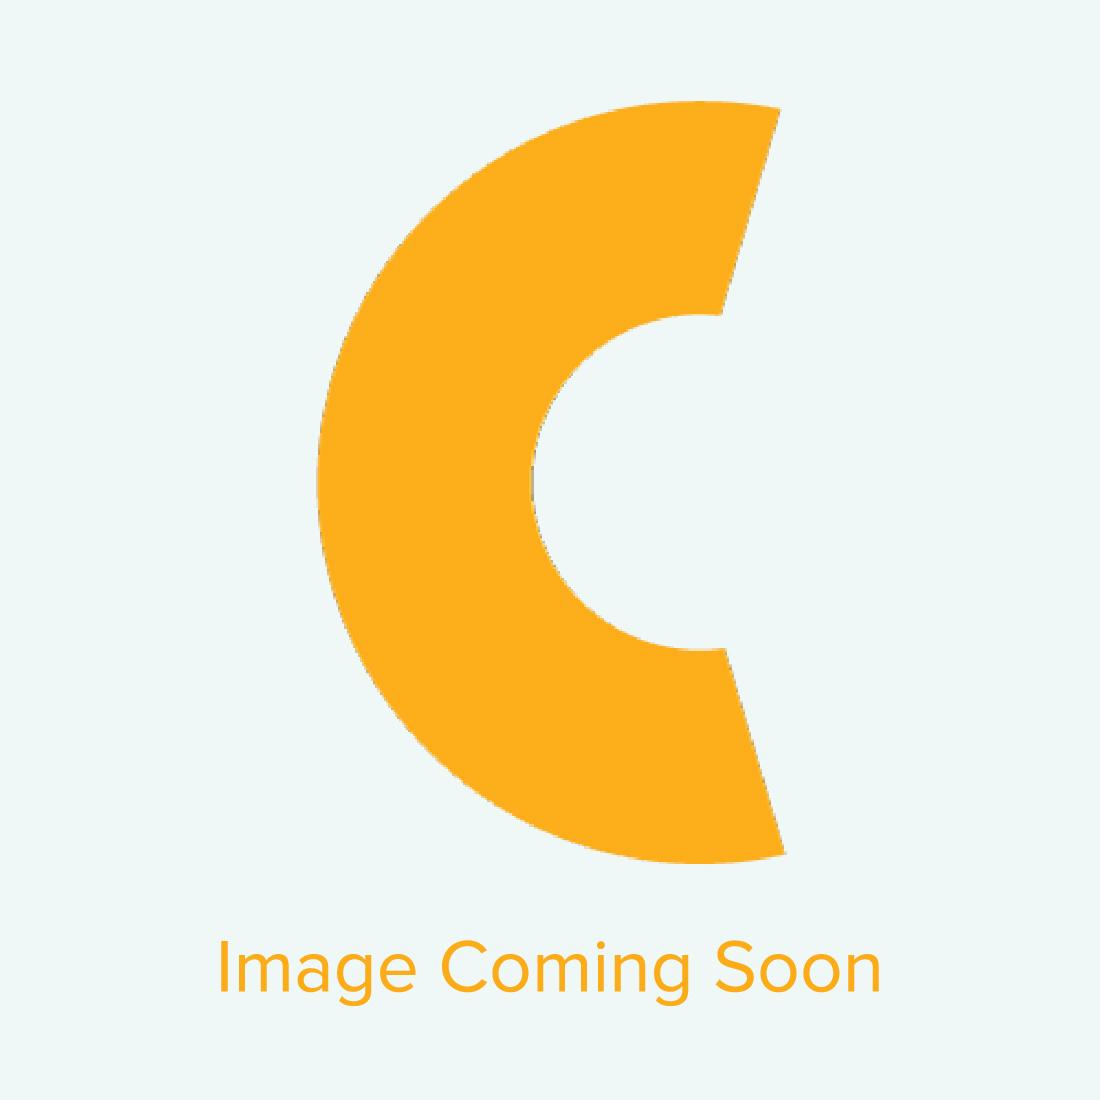 Epson C88 Sublimation Ink  - Sawgrass Artainium Ink Cartridges-UVBWF1100JKE- Expired 6-30-2017